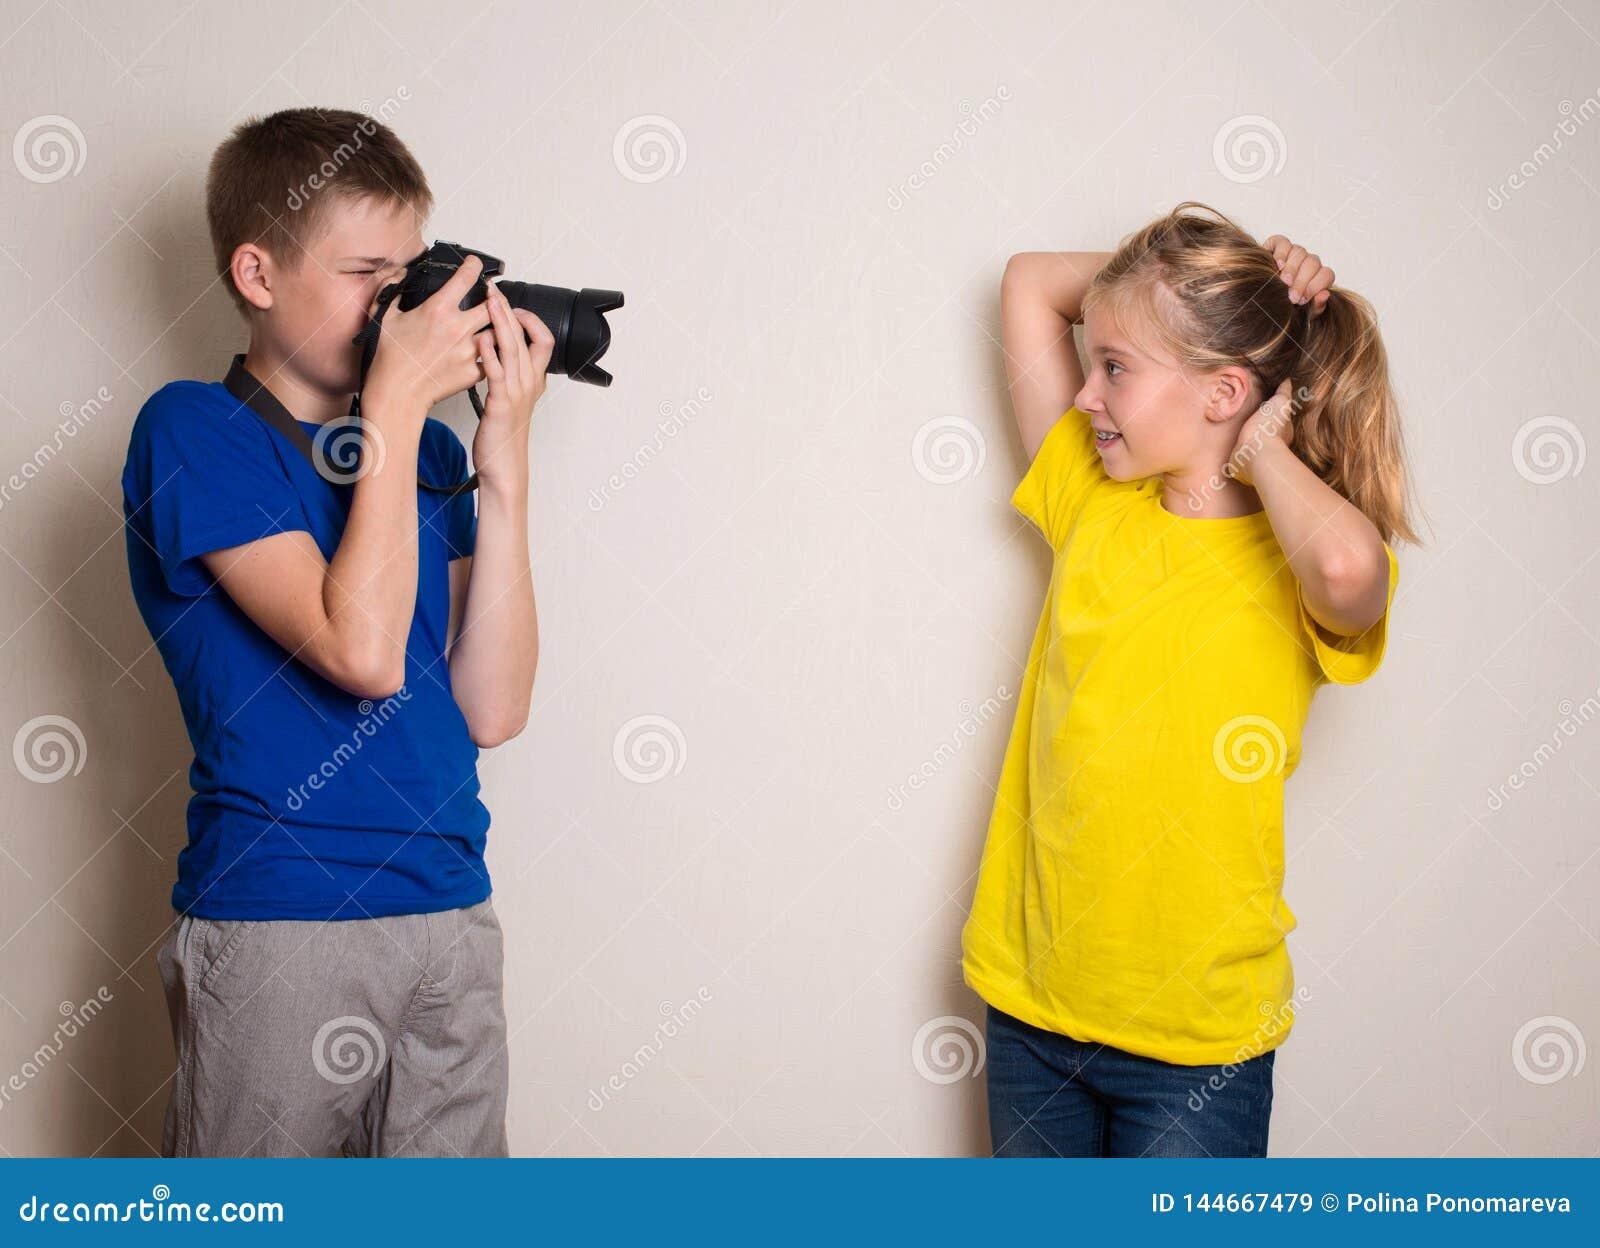 Twee beste vriendentienerjaren die foto op hun camera maken thuis, hebbend pret samen, vreugde en geluk